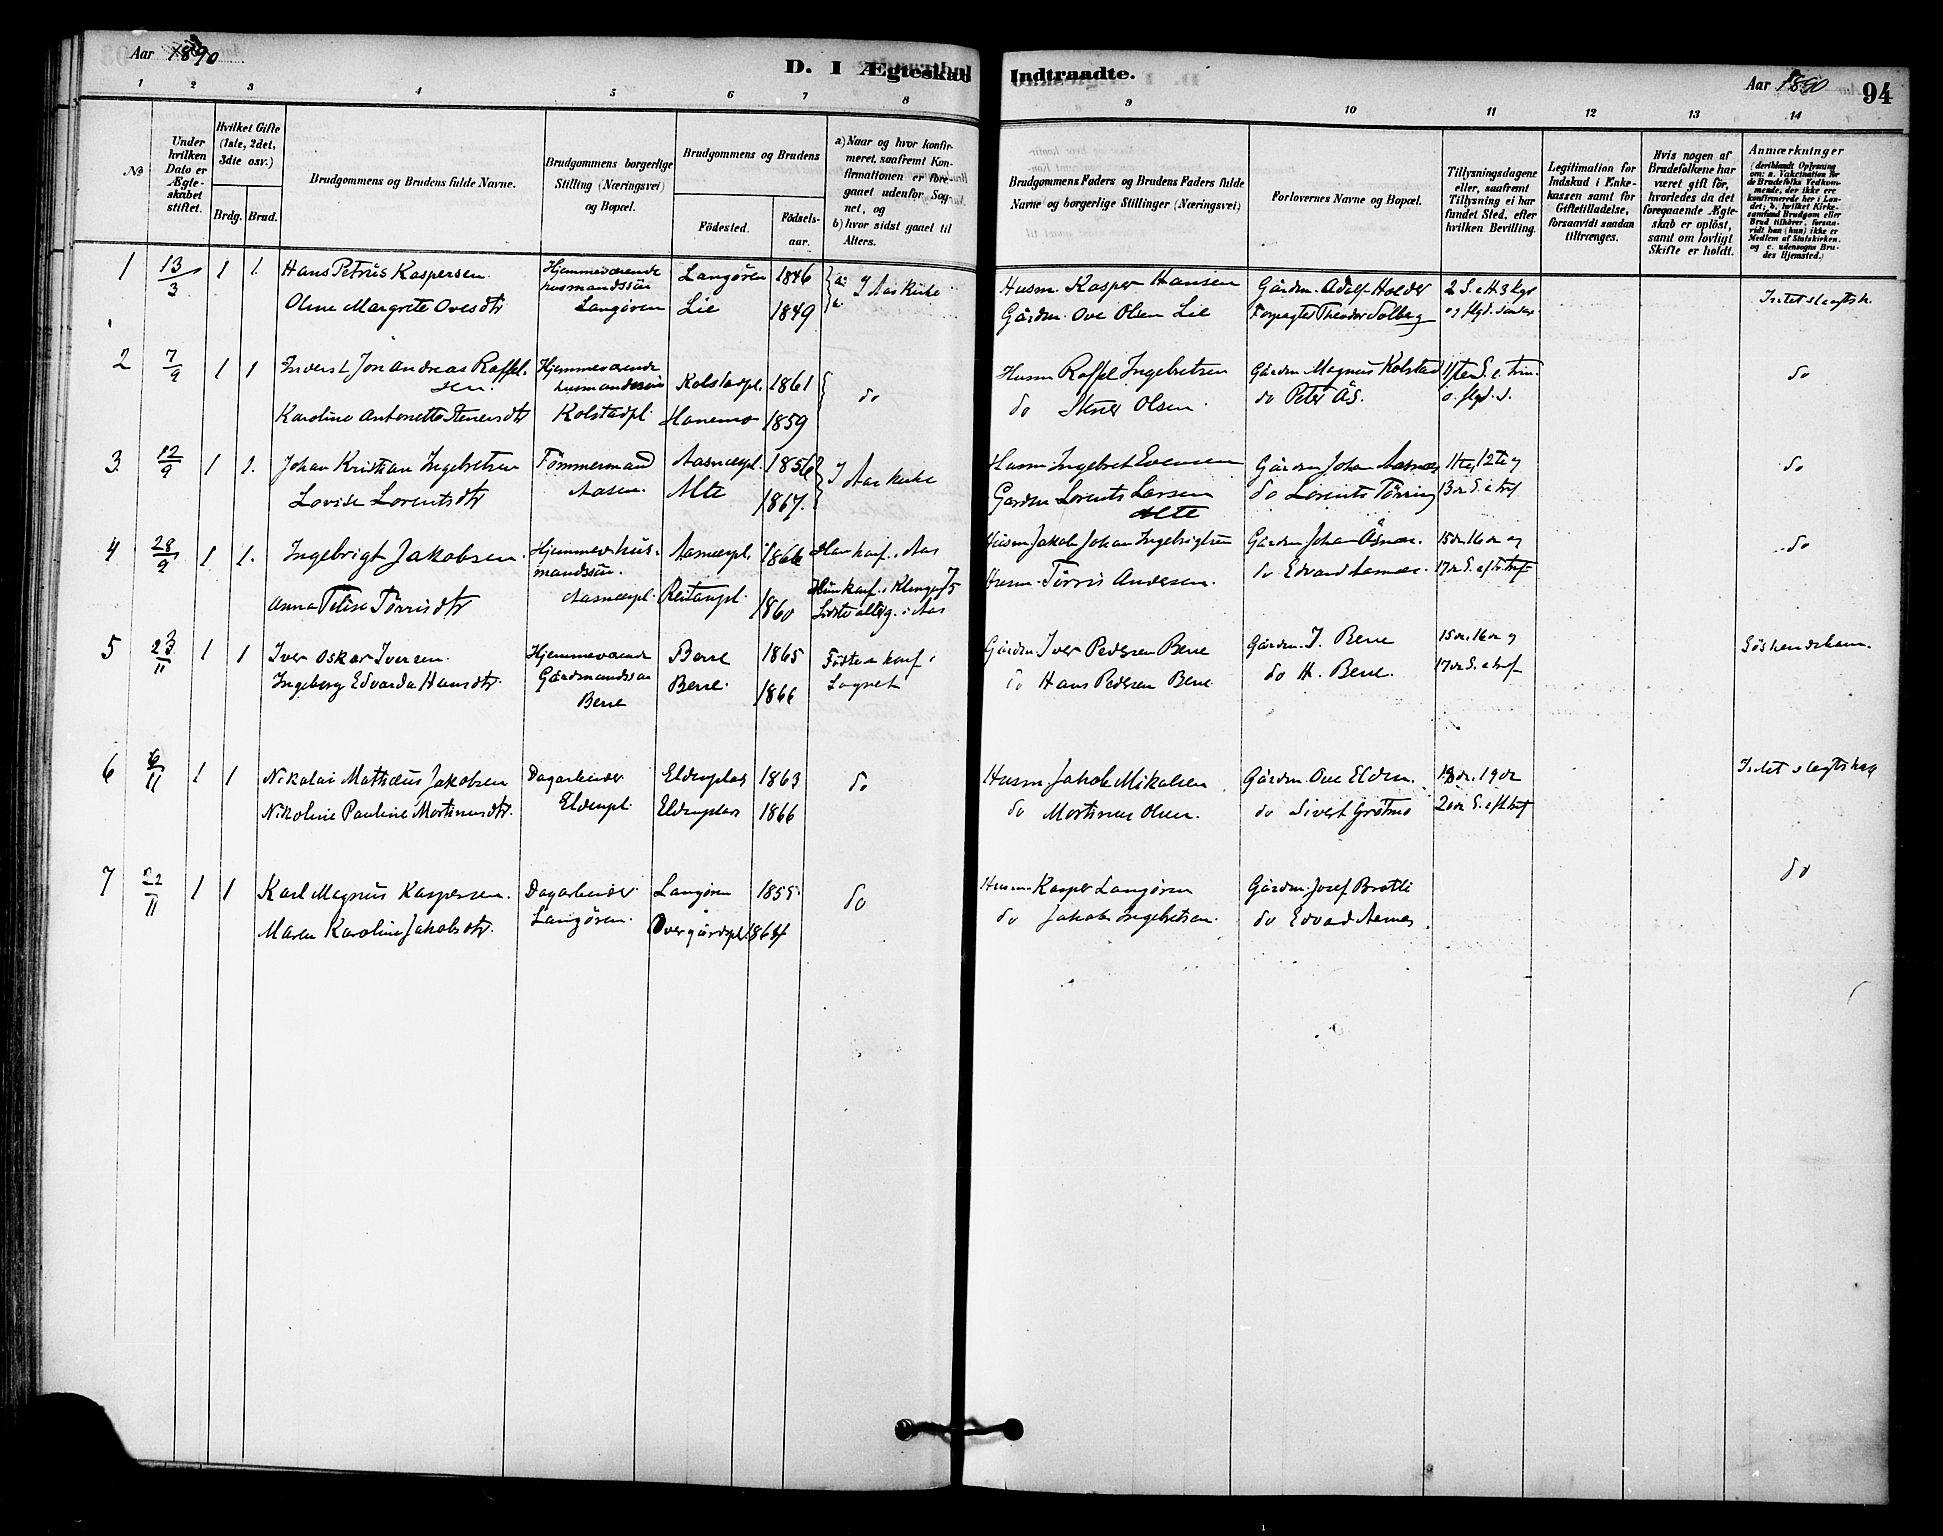 SAT, Ministerialprotokoller, klokkerbøker og fødselsregistre - Nord-Trøndelag, 742/L0408: Ministerialbok nr. 742A01, 1878-1890, s. 94